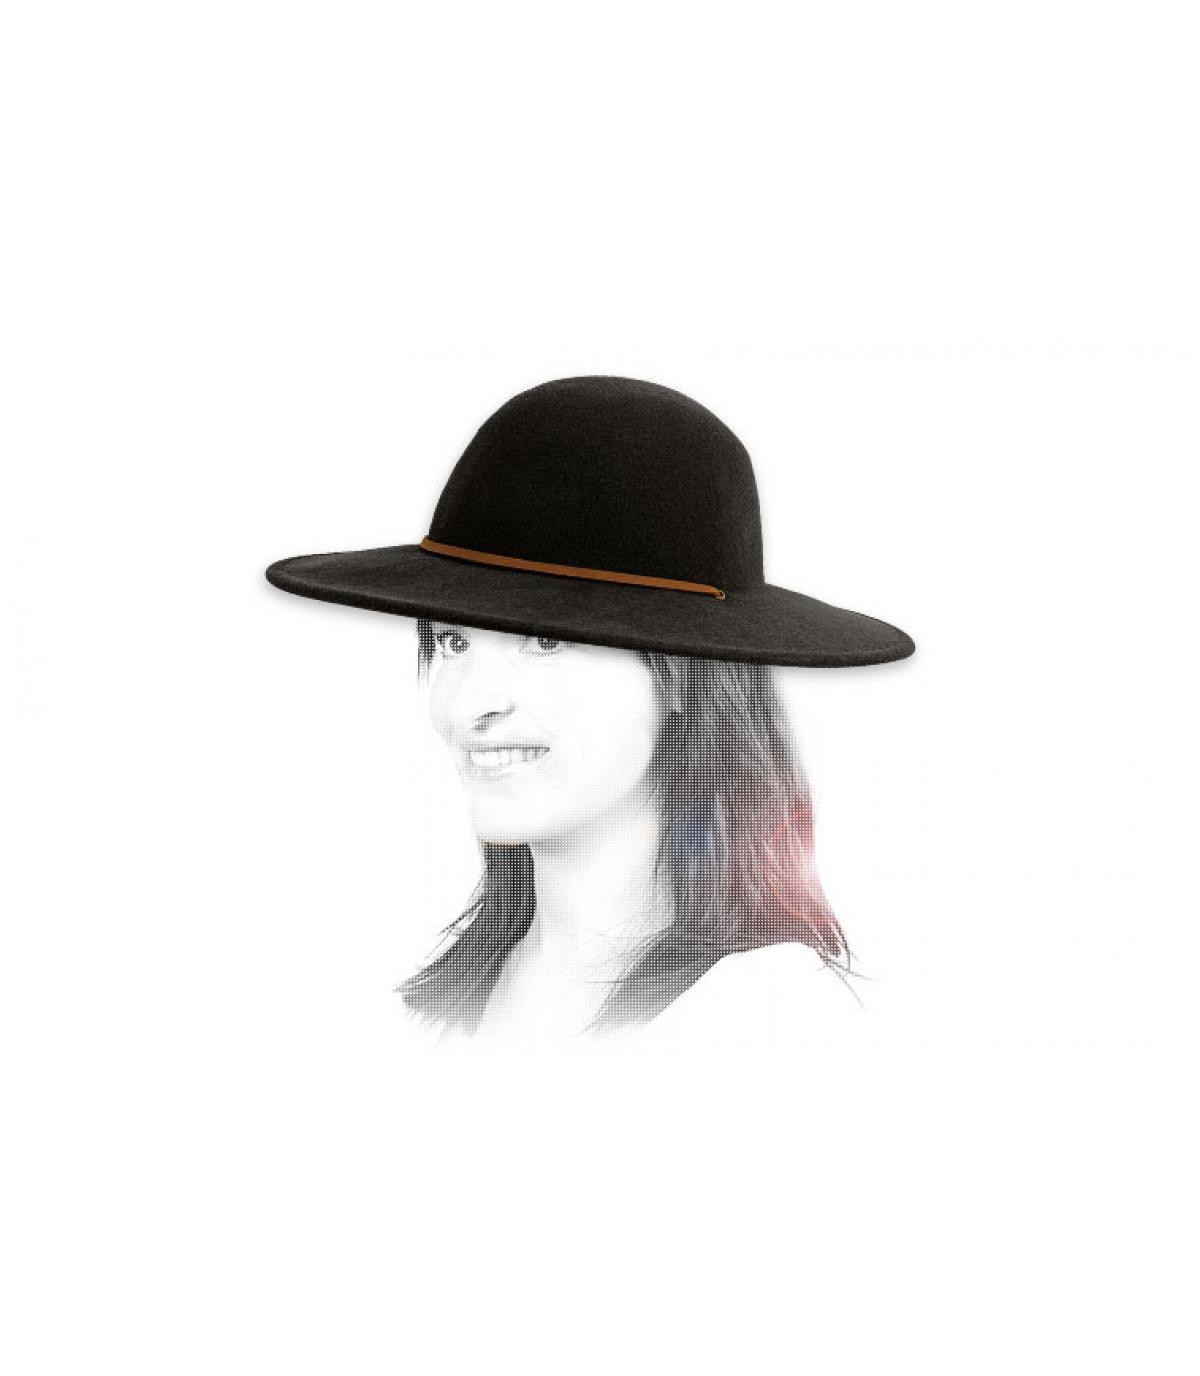 Détails Chapeau femme Tiller black - image 3